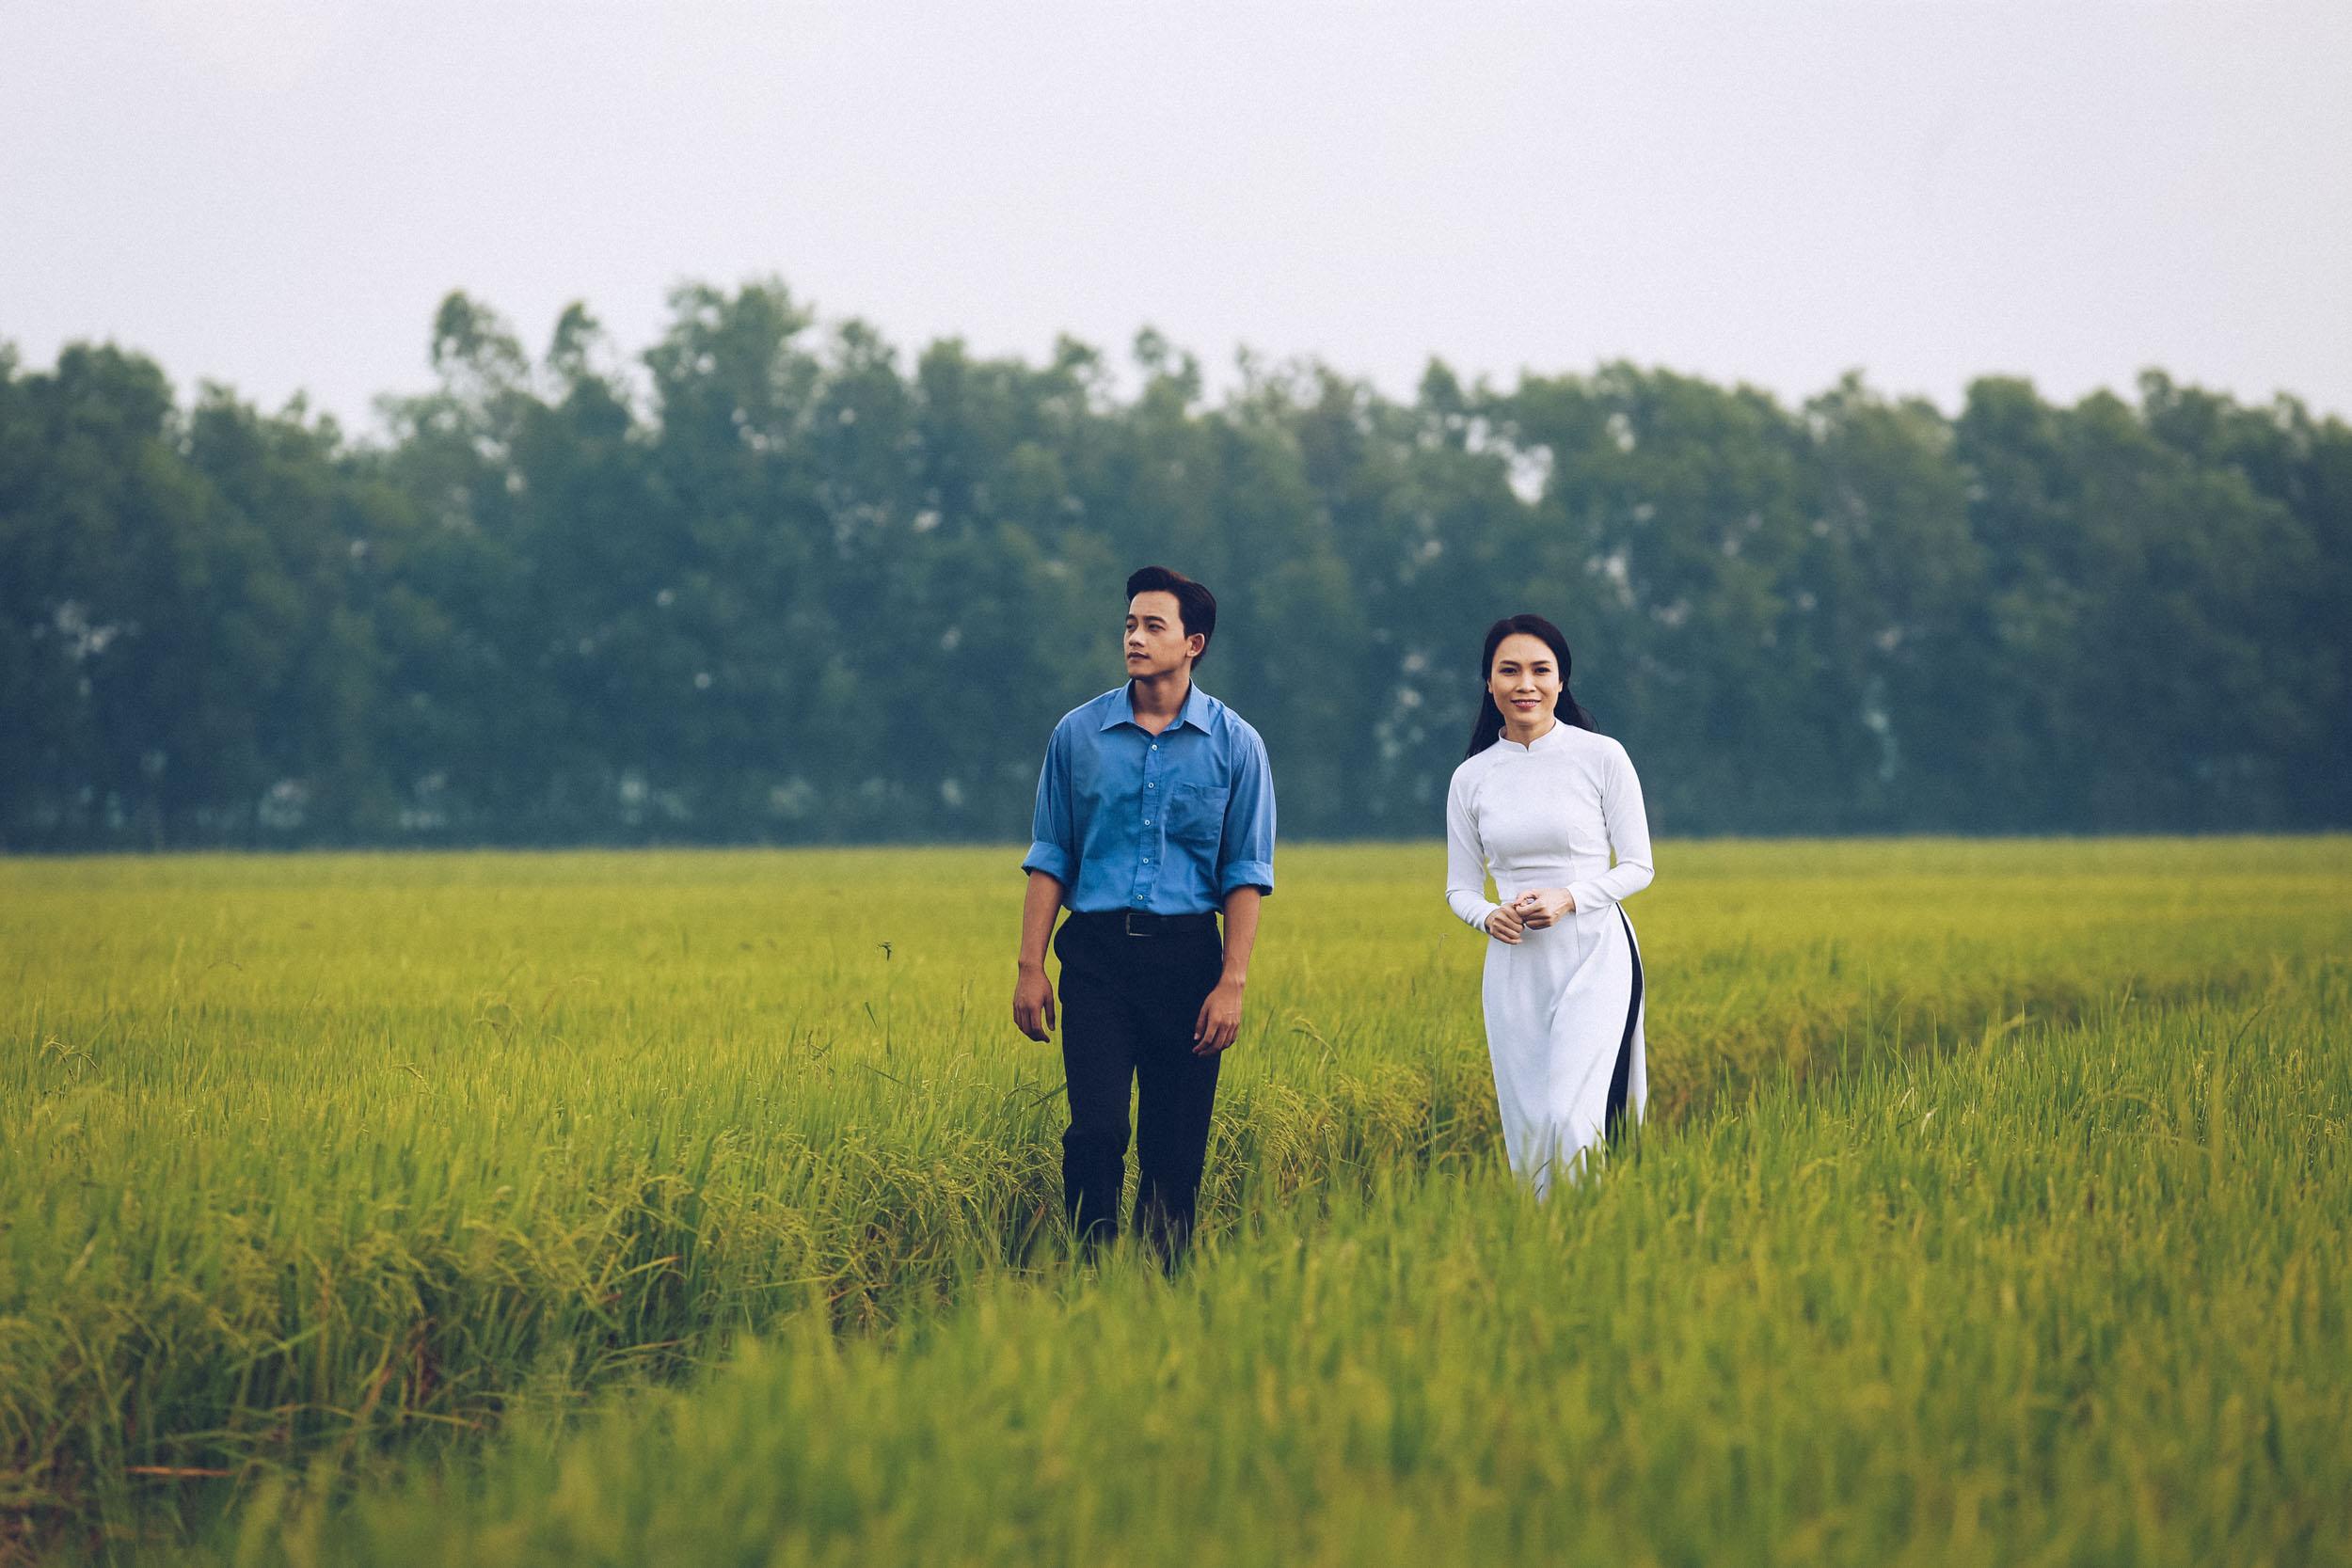 Đại chiến trending Vpop: Noo Phước Thịnh tạm dẫn đầu, MV của Mỹ Tâm vượt mặt Chi Pu chỉ sau 1 ngày ra mắt - Ảnh 10.